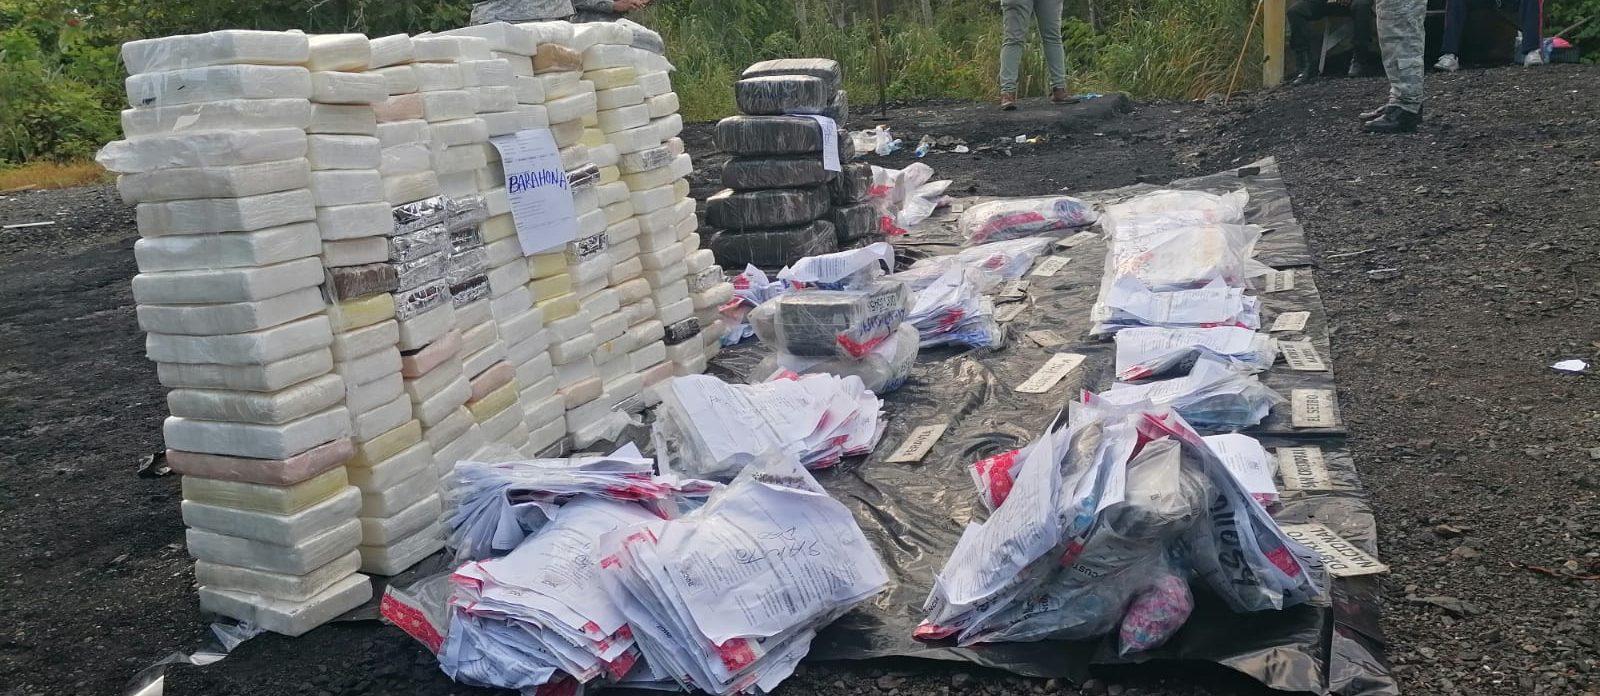 La Procuraduría General incinera más de 280 kilogramos de diferentes drogas